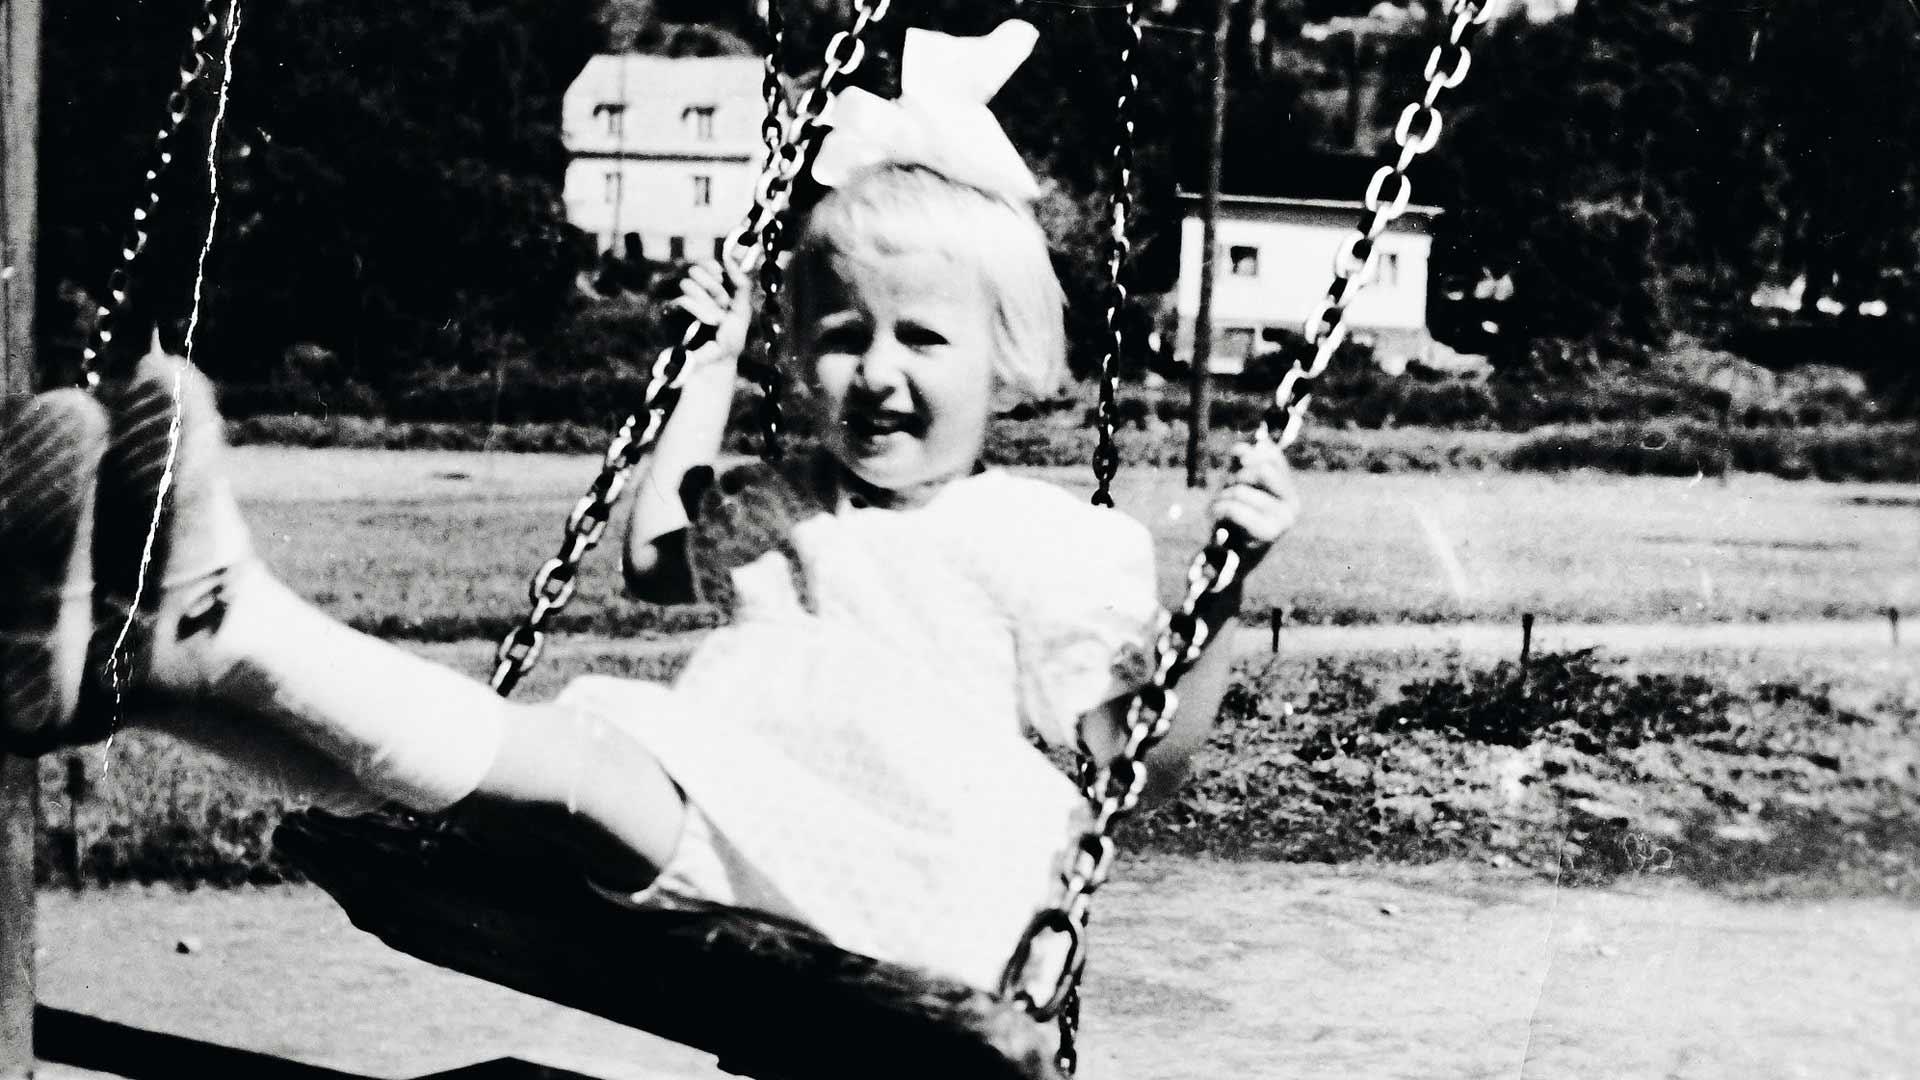 Rita oli hurjapää, joka rakasti keinumista. Kuvassa Rita on Tampereella Tammelan leikkikentällä viimeisenä kesänä ennen sairastumista.